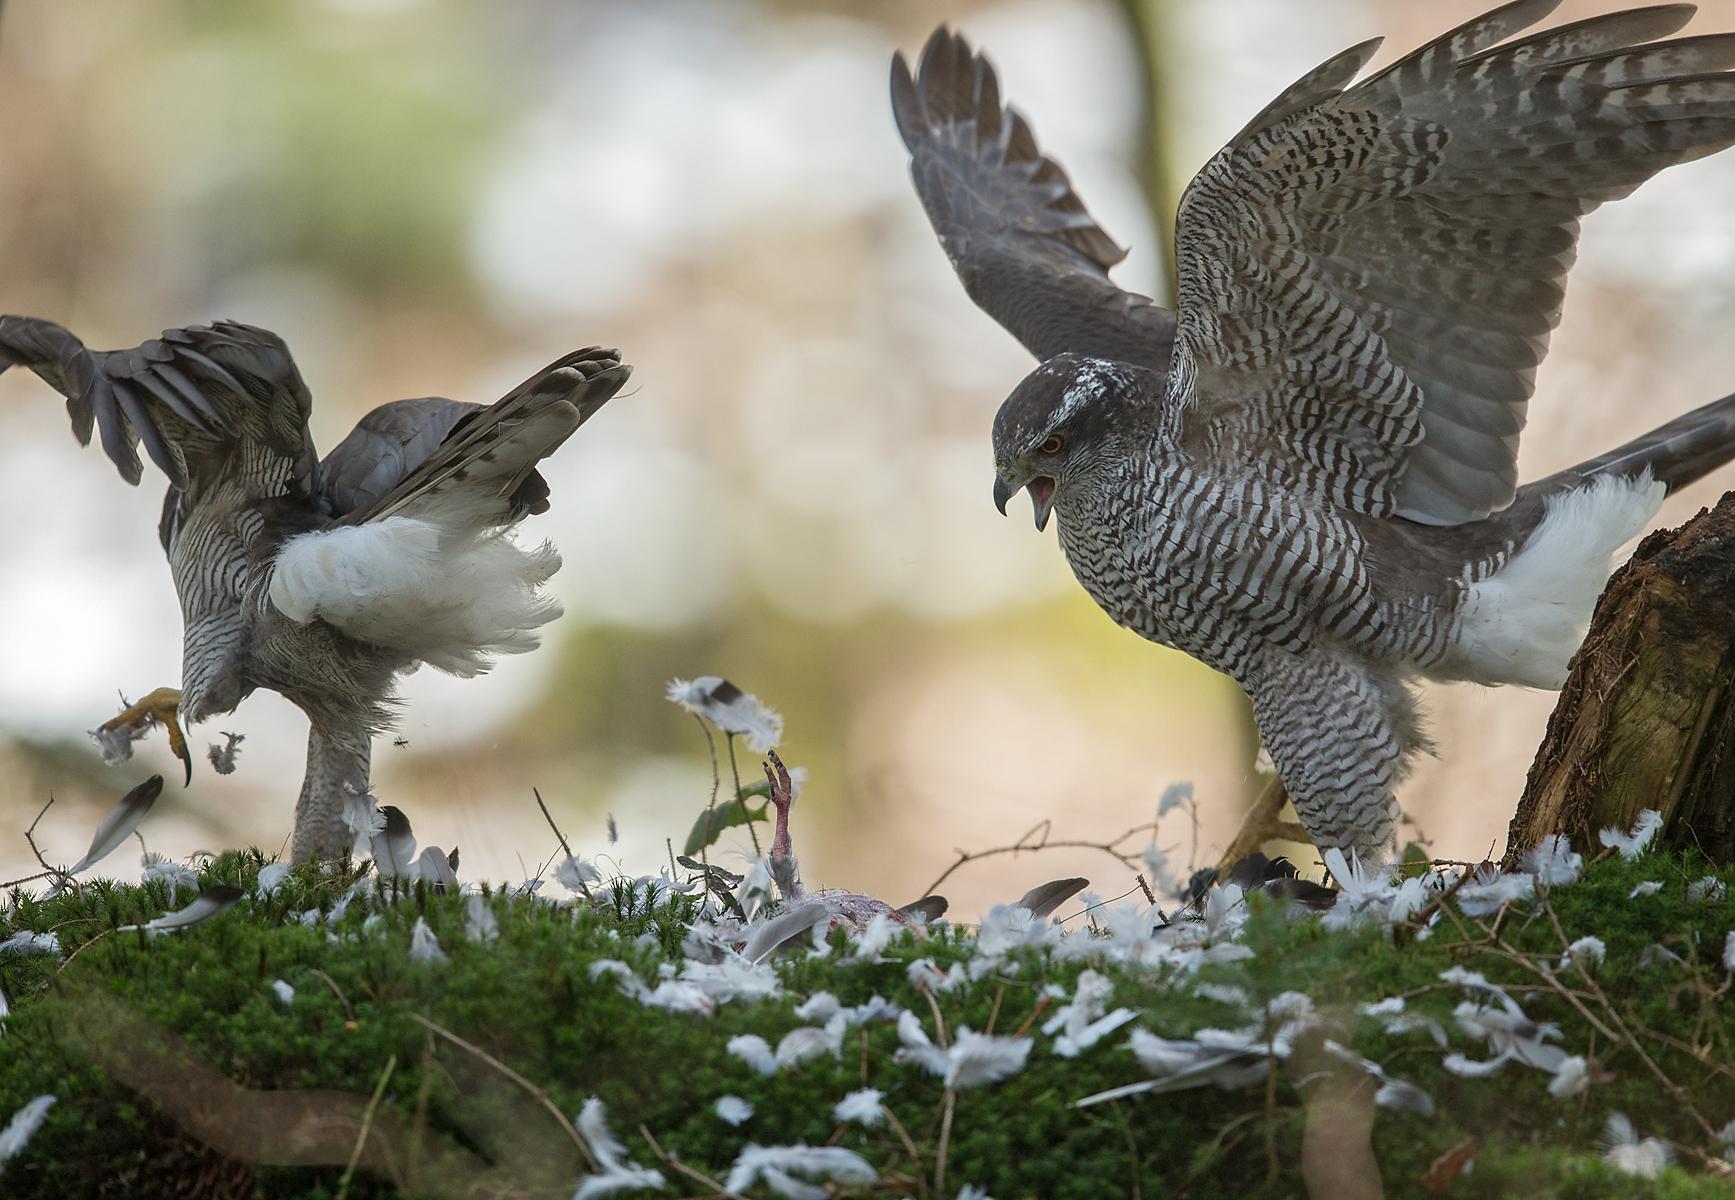 Accipiter gentilis; Goshawk; Habicht; beuteübergabe; birds; falconiformes; female; greifvögel; male; männchen; pröhl; raptors; vögel; weibchen